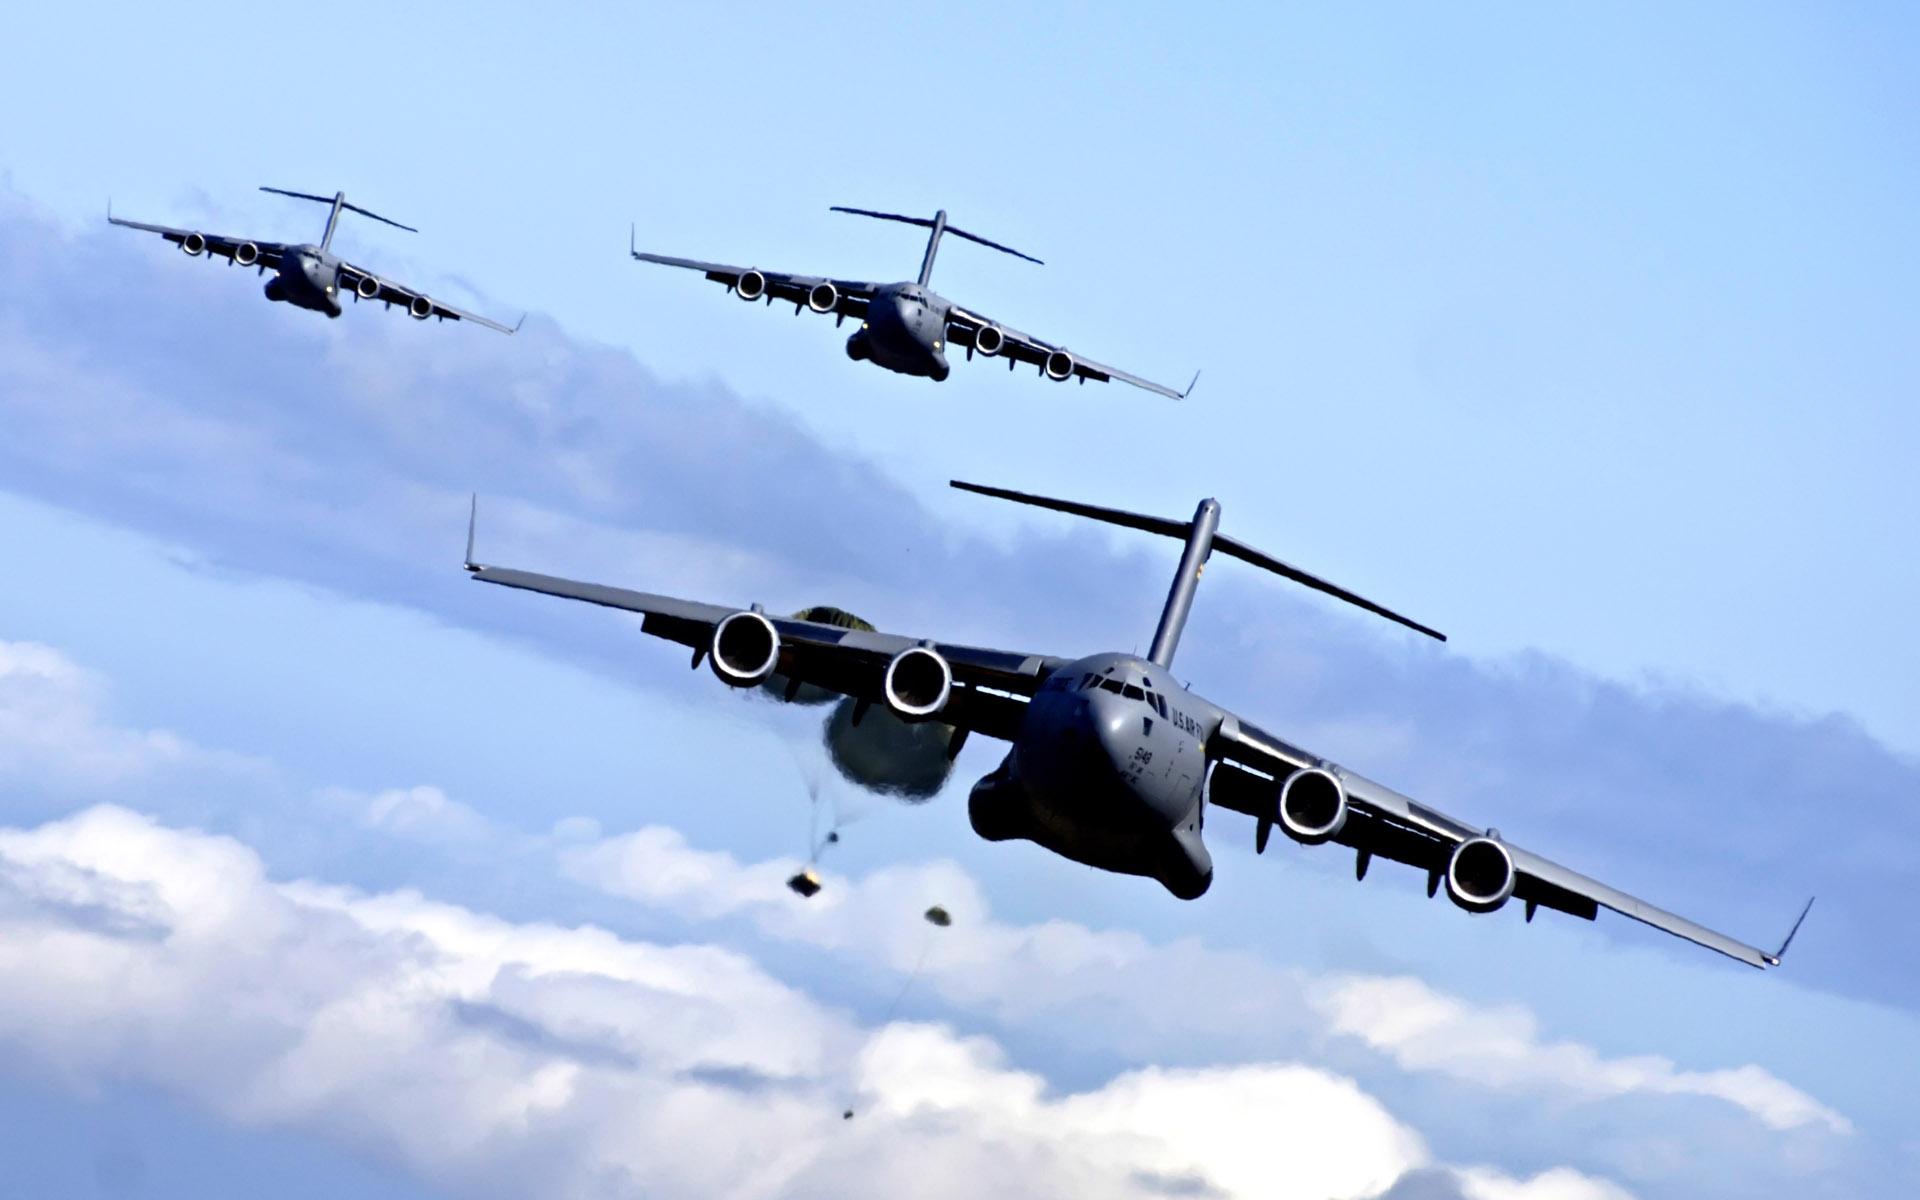 Поздравления для технического состава авиации5